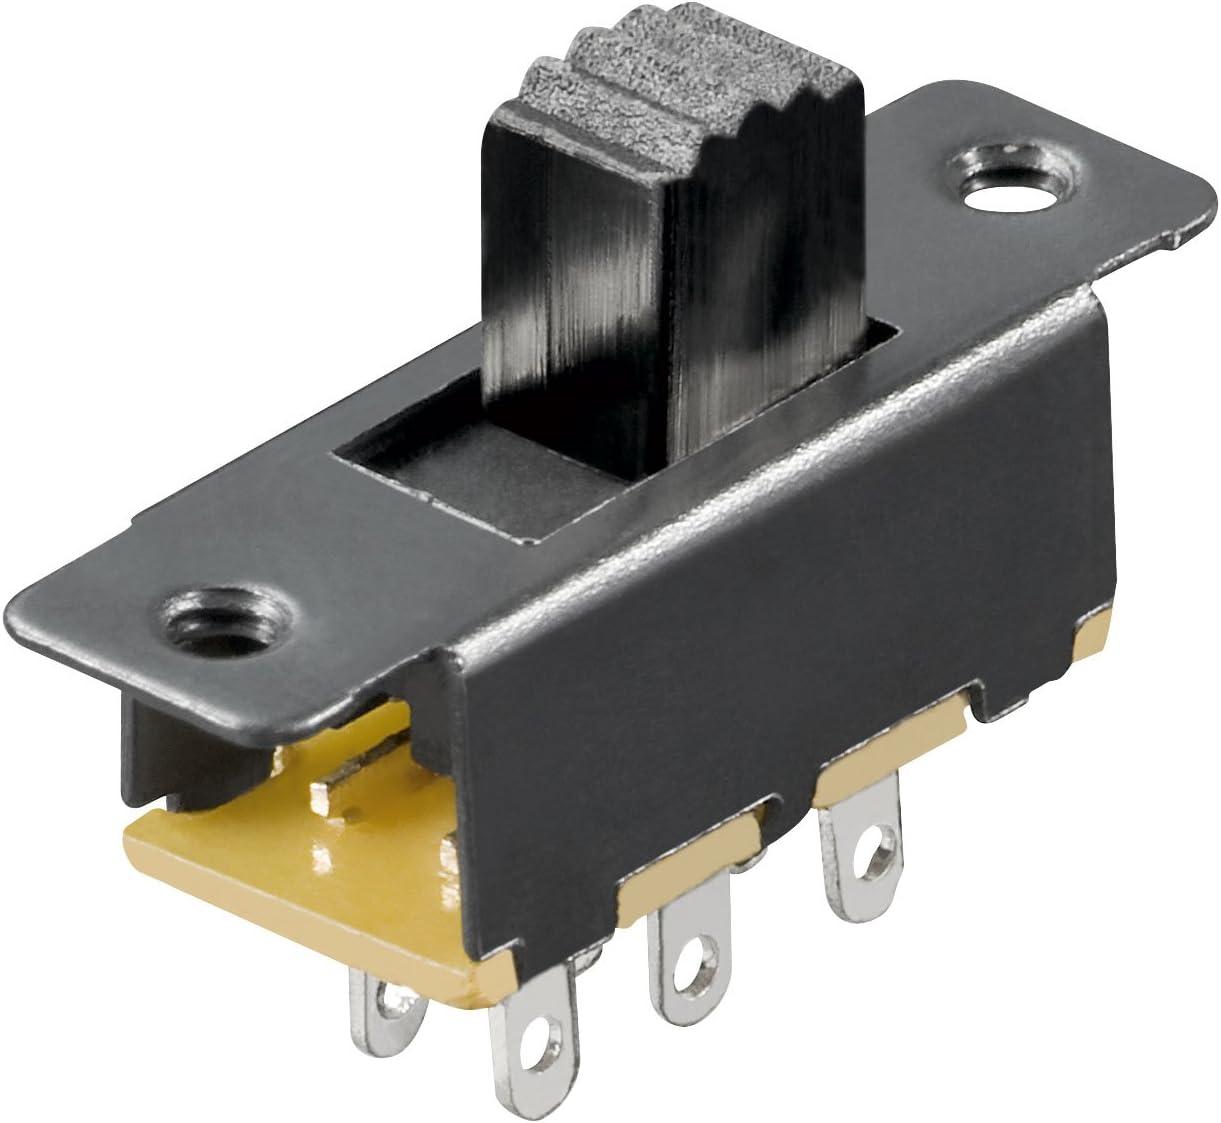 MANAX Lot de 20 interrupteurs coulissants 6 Broches 2 x UM 19 mm